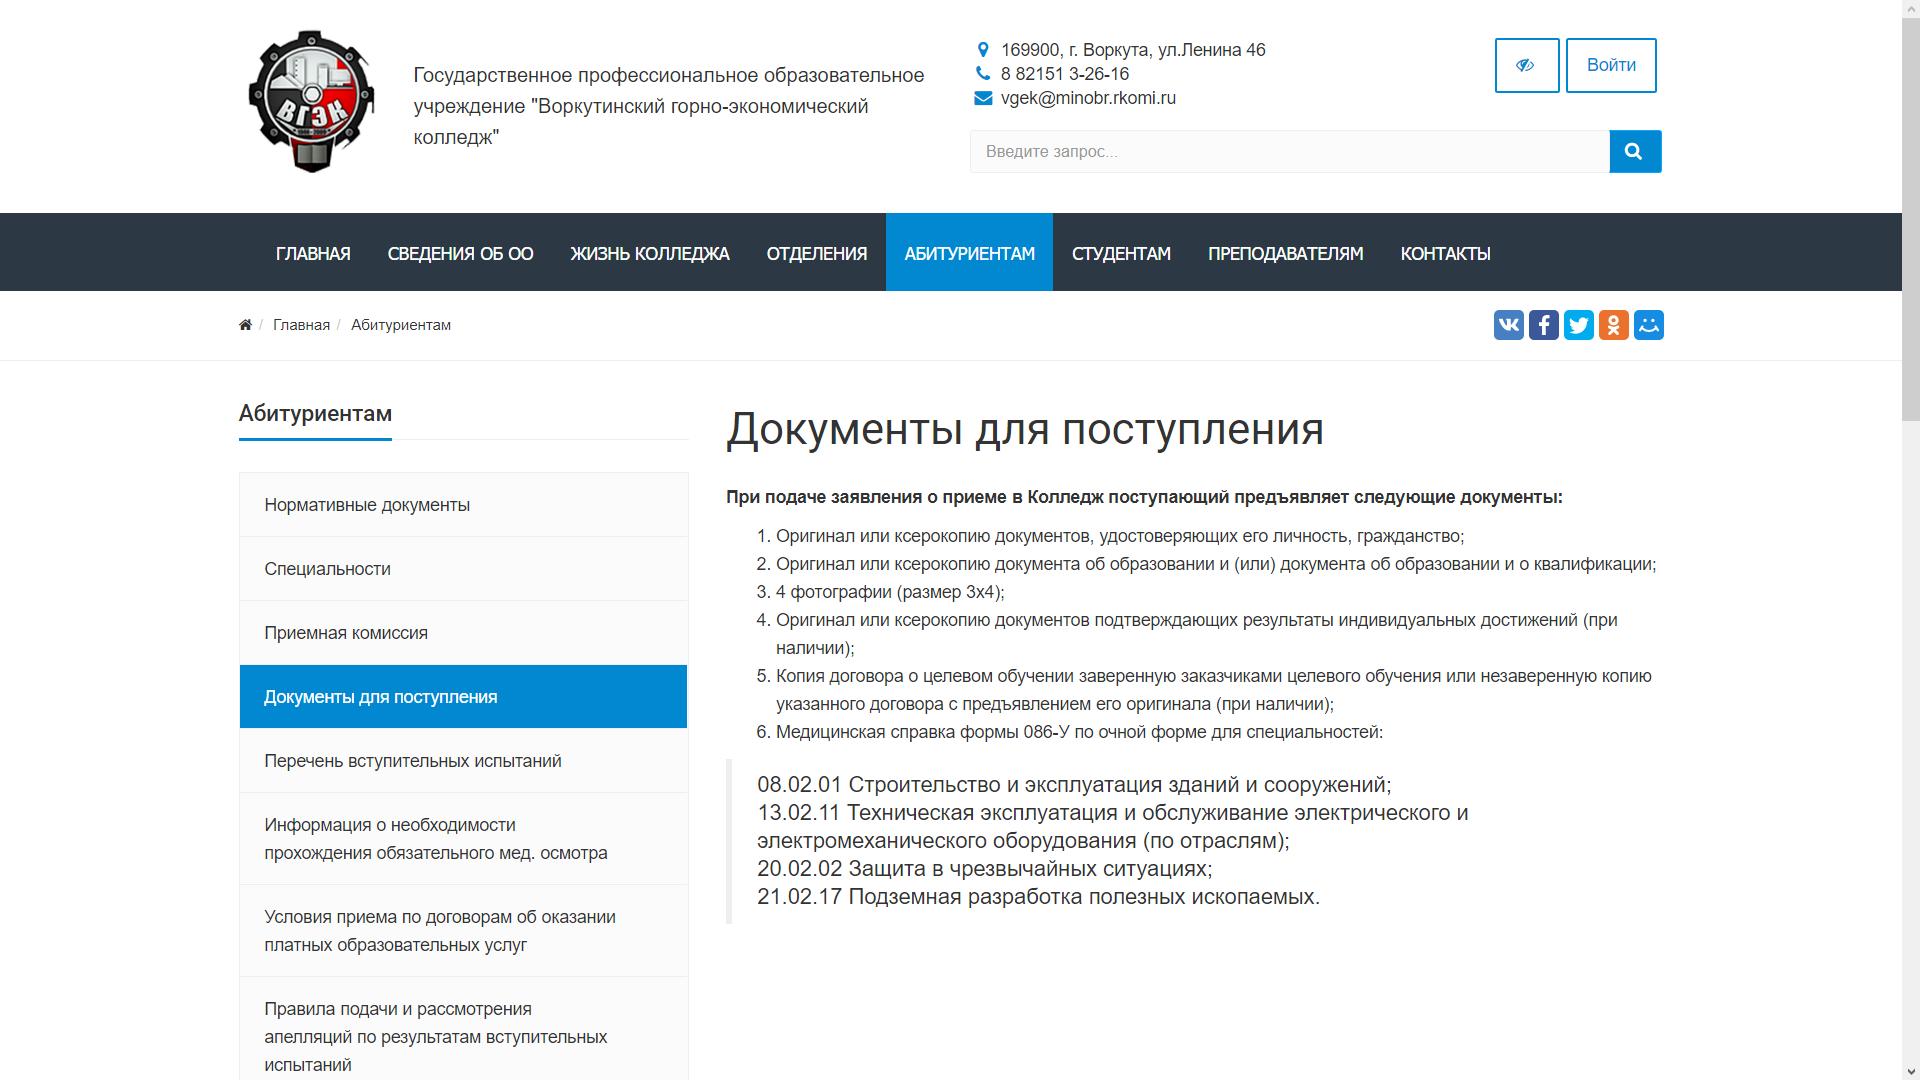 Страница с перечнем документов для поступления во ВГЭК